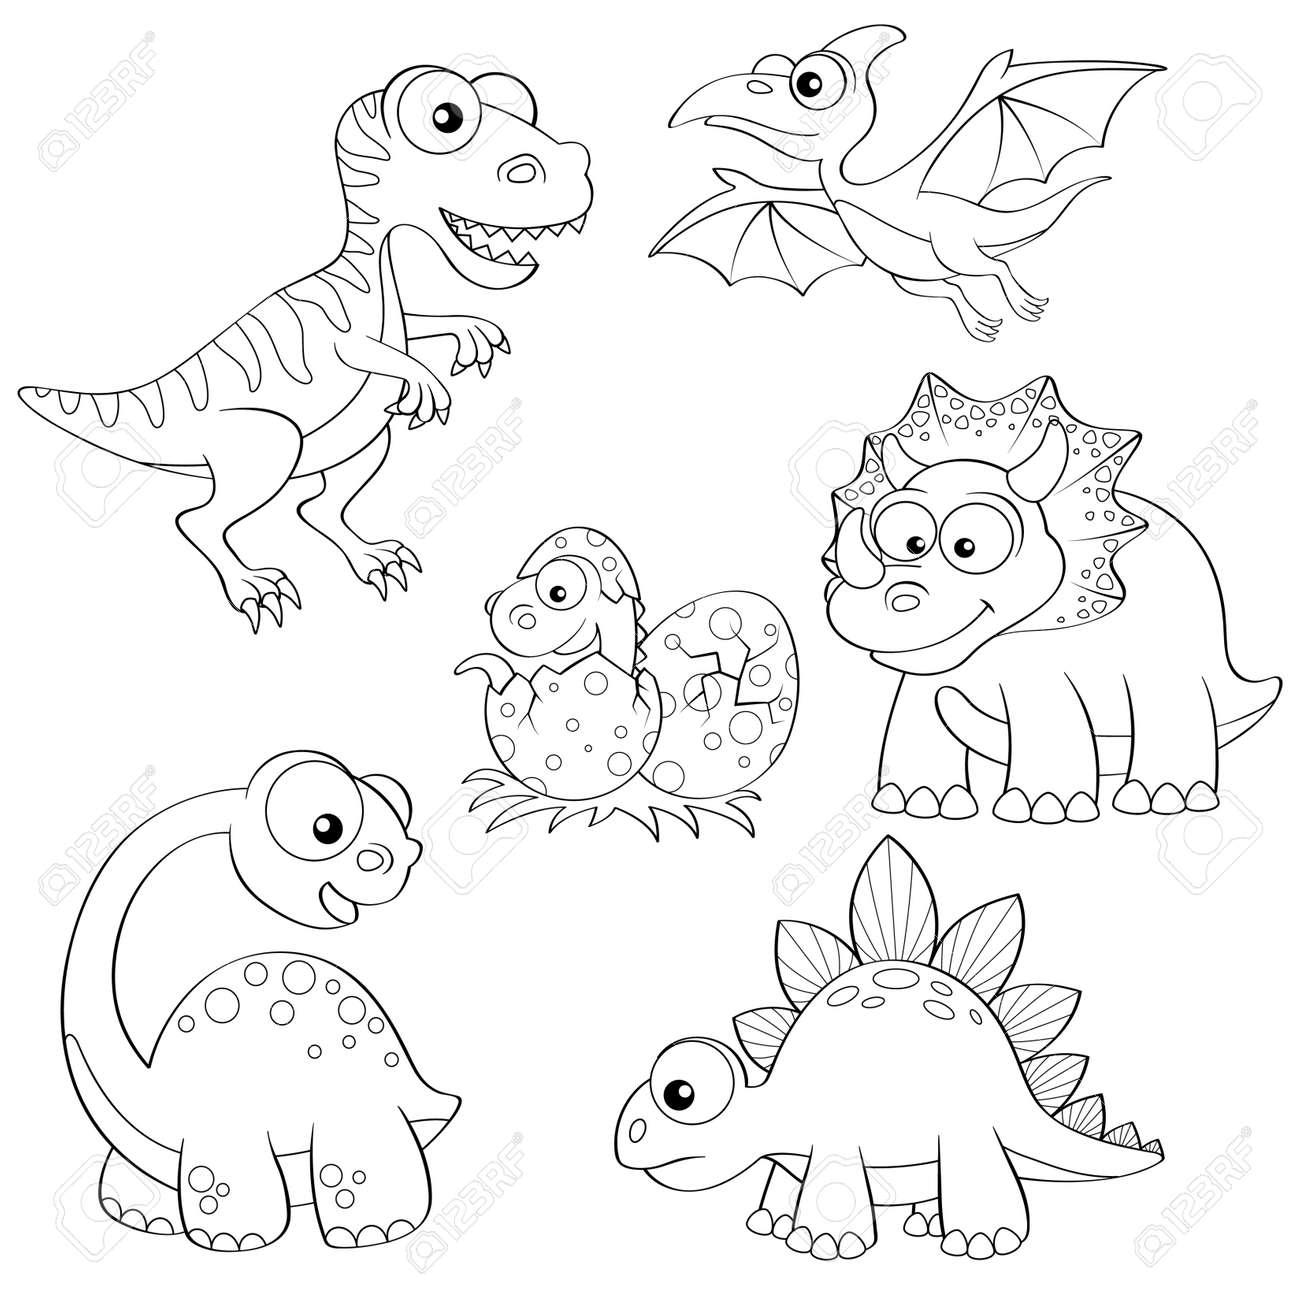 Dibujos En Blanco Para Colorear. Affordable Dibujos De Tigre Para ...